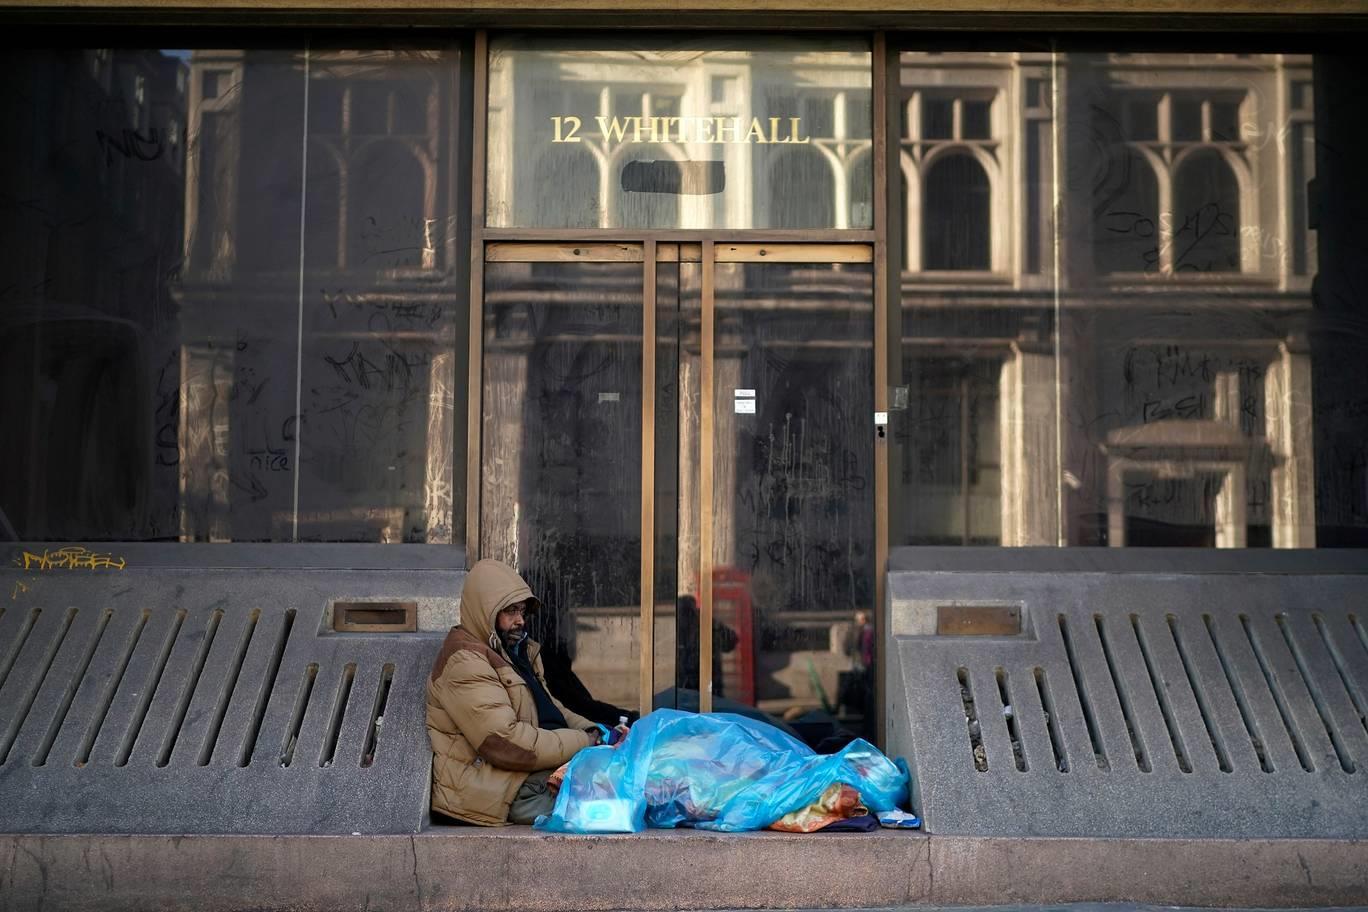 Anh: Số người vô gia cư tại thành phố London tăng cao kỷ lục - Hình 1